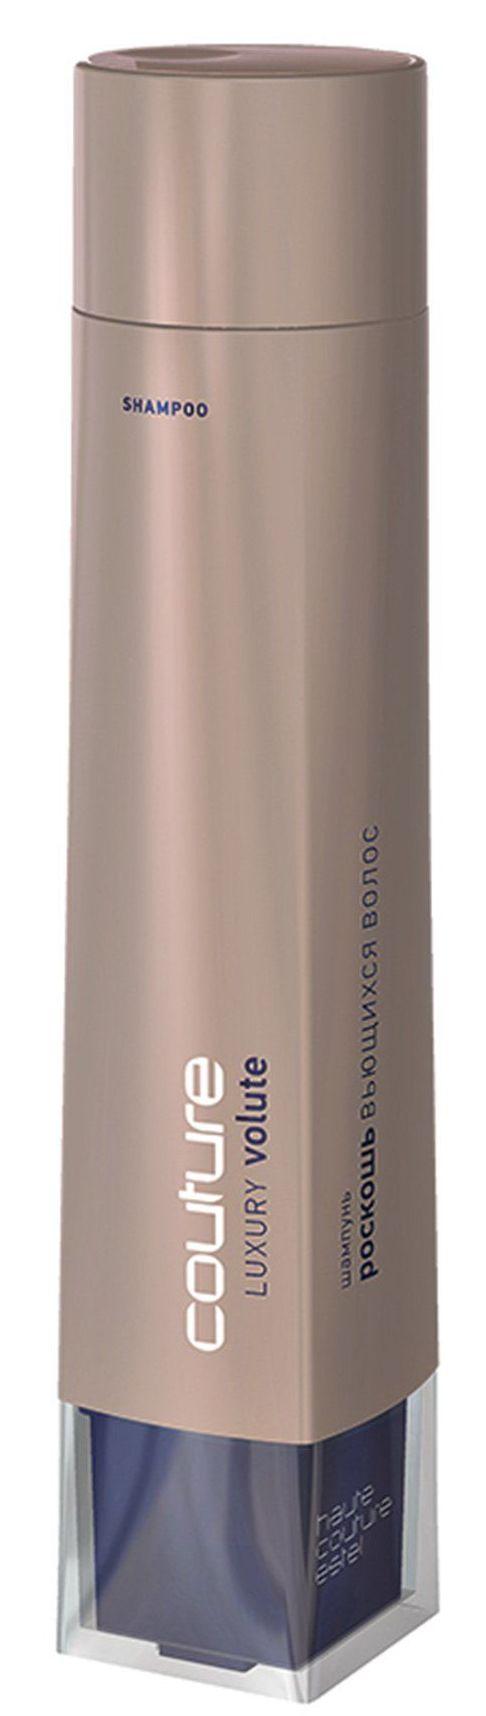 Купить ESTEL HAUTE COUTURE Шампунь для волос / LUXURY VOLUTE 250 мл